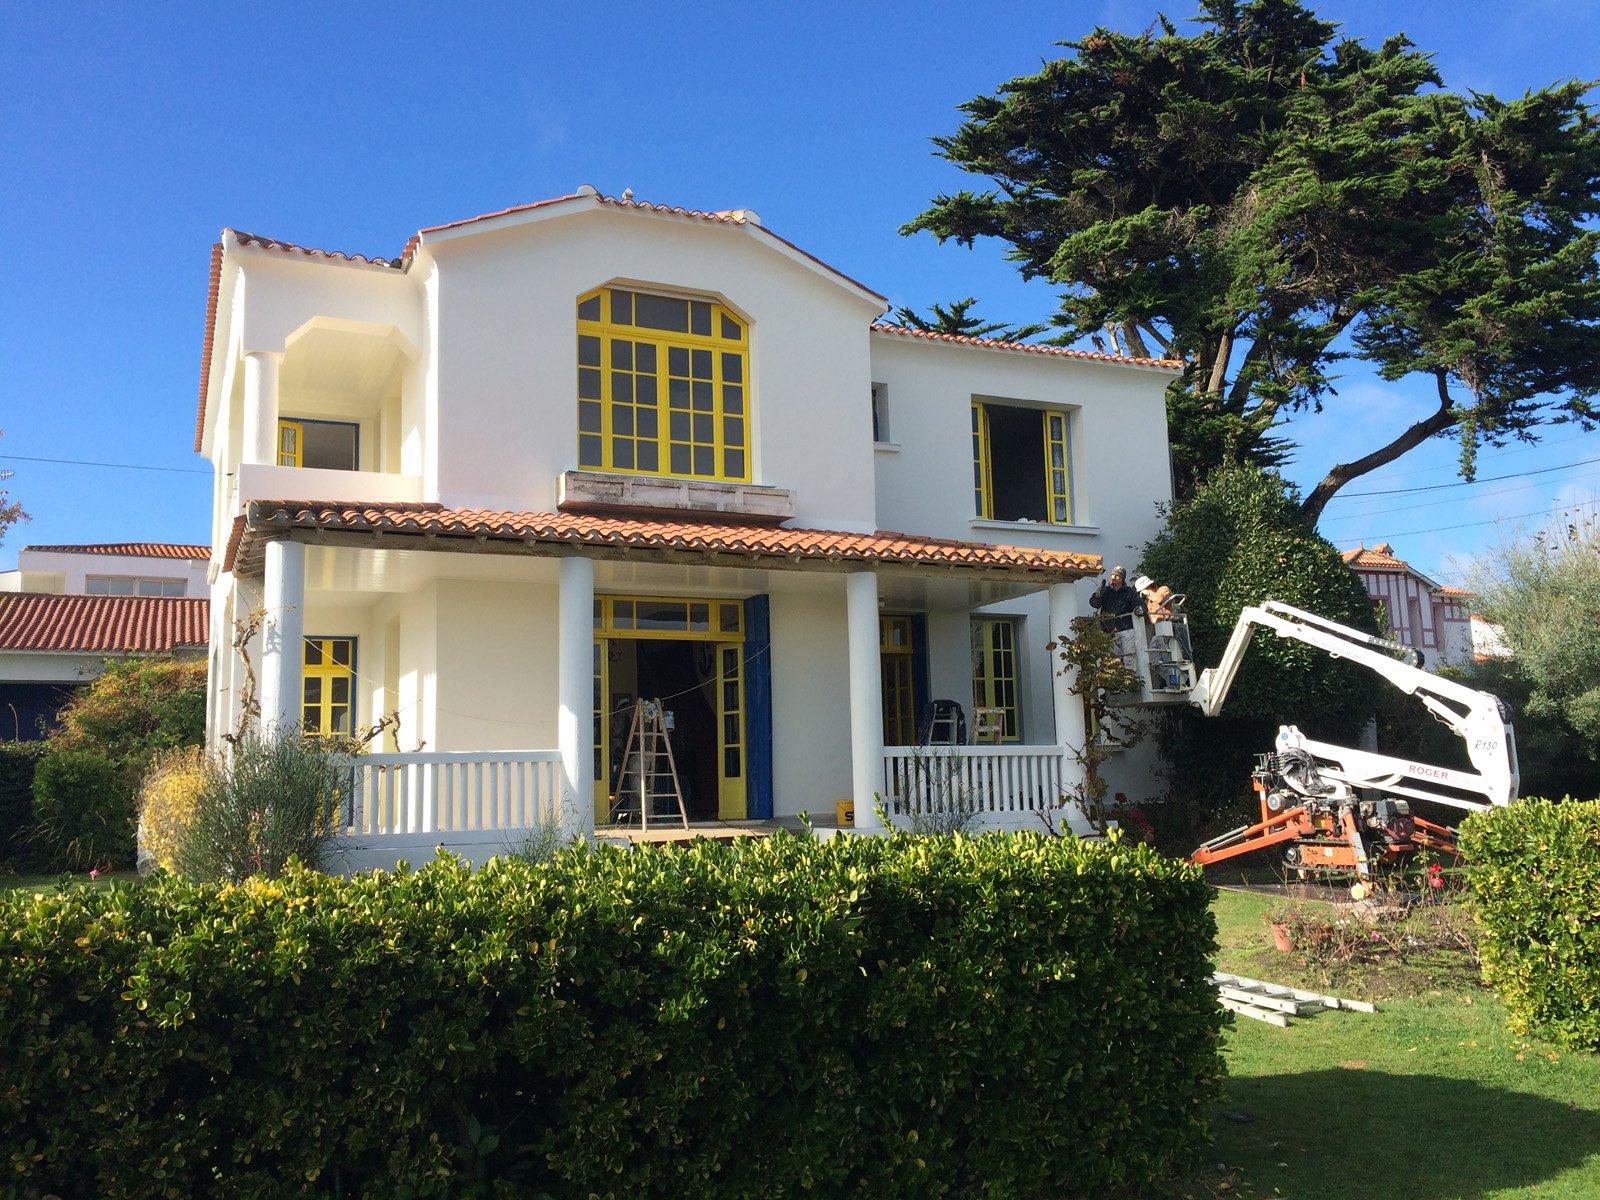 Maison pendant la rénovation de la façade par ROGER SAS en Loire Atlantique